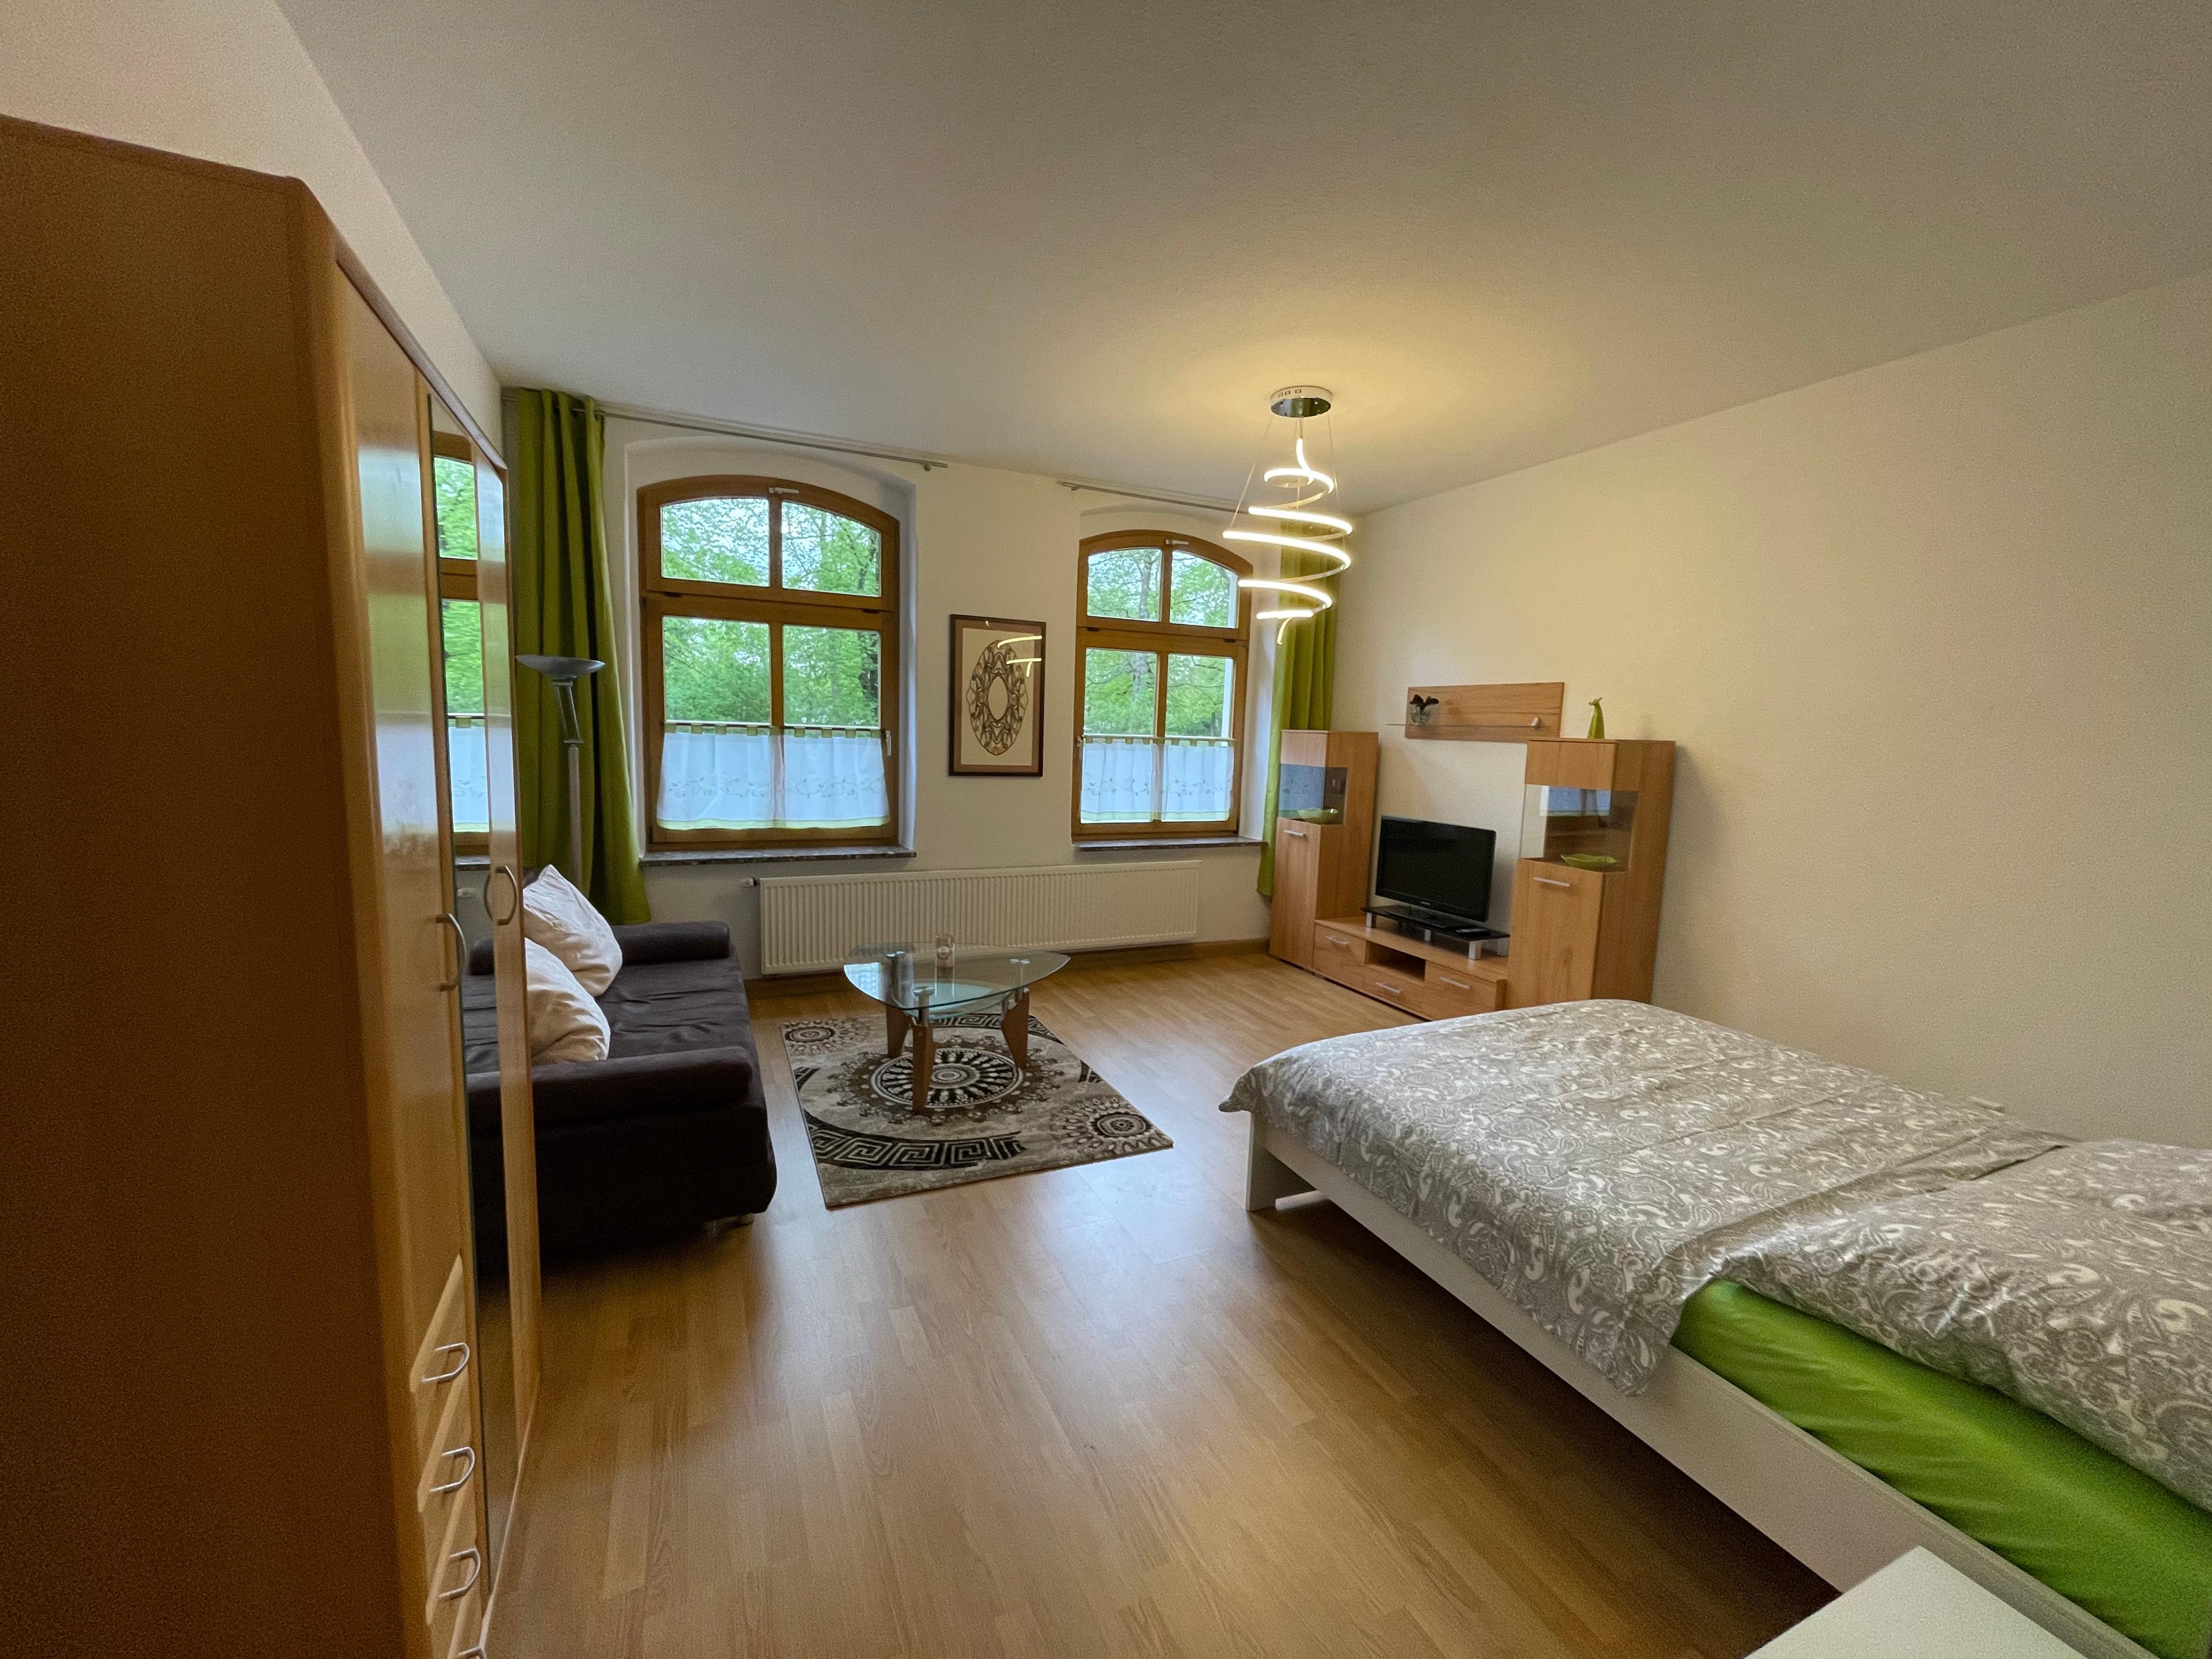 Ferienwohnung im Zentrum Zwickaus Ferienwohnung in Zwickau